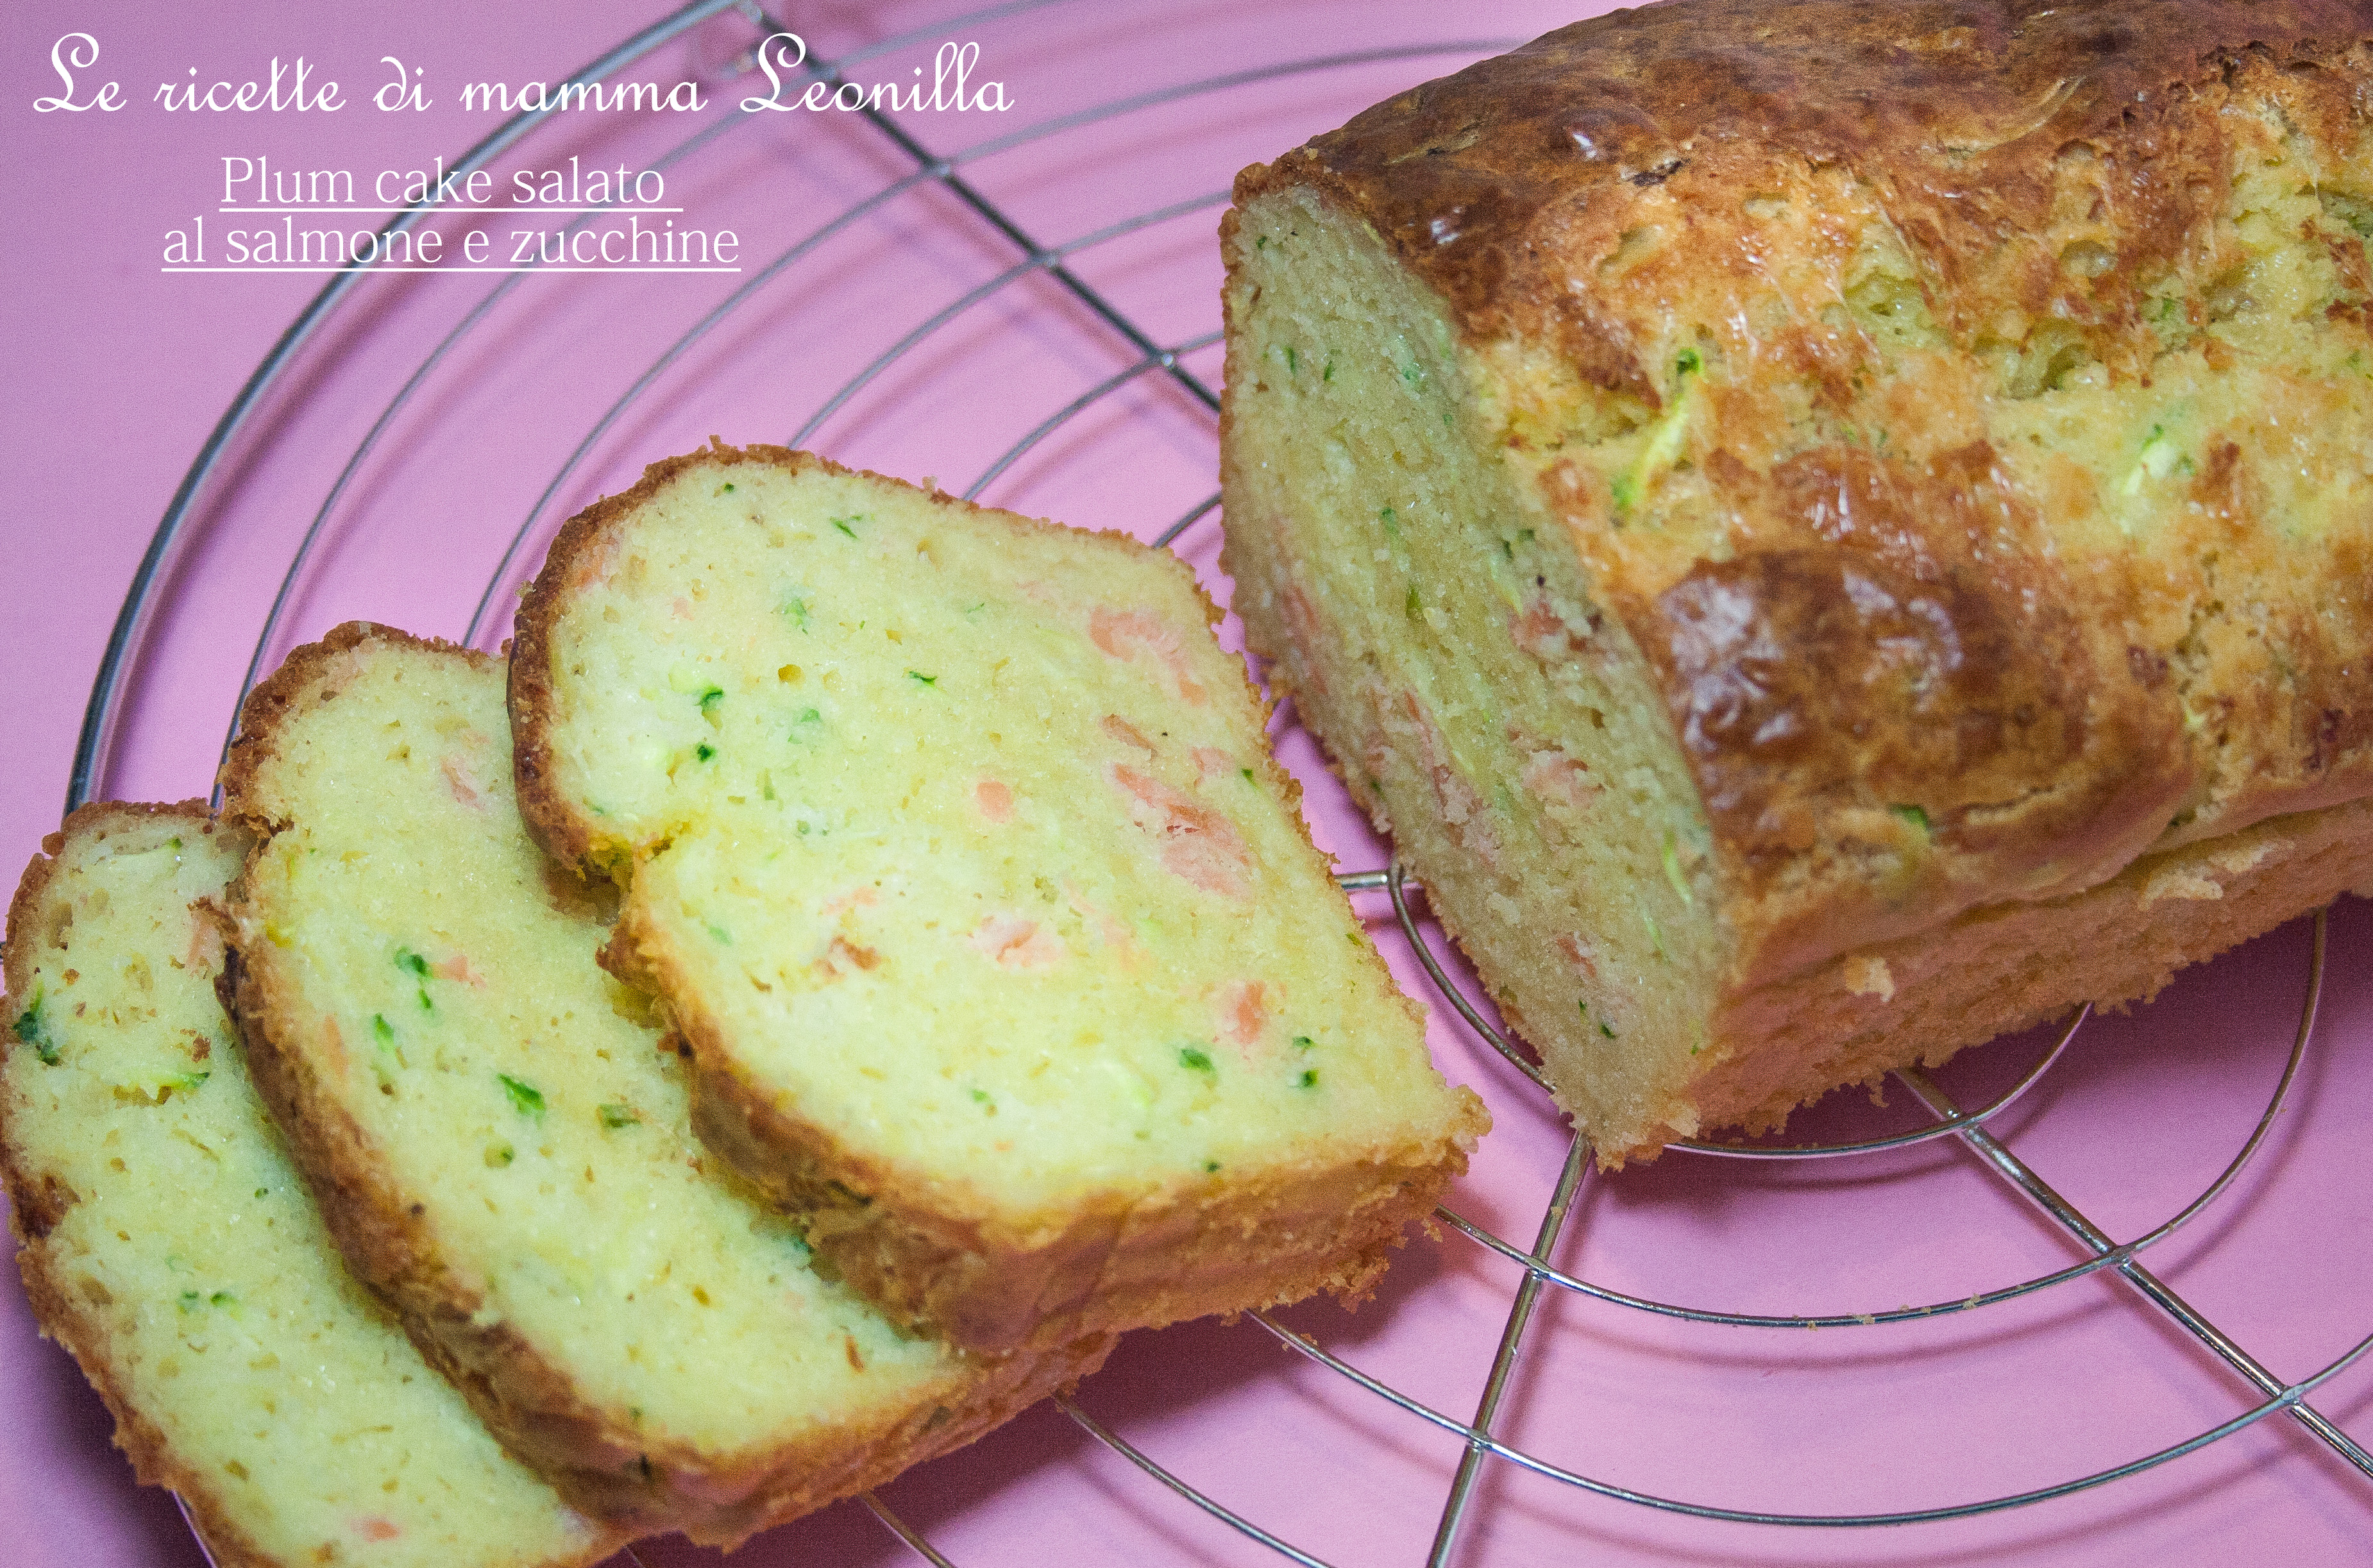 PLUN CAKE SALATO AL SALMONE E ZUCCHINE - ricetta buffet